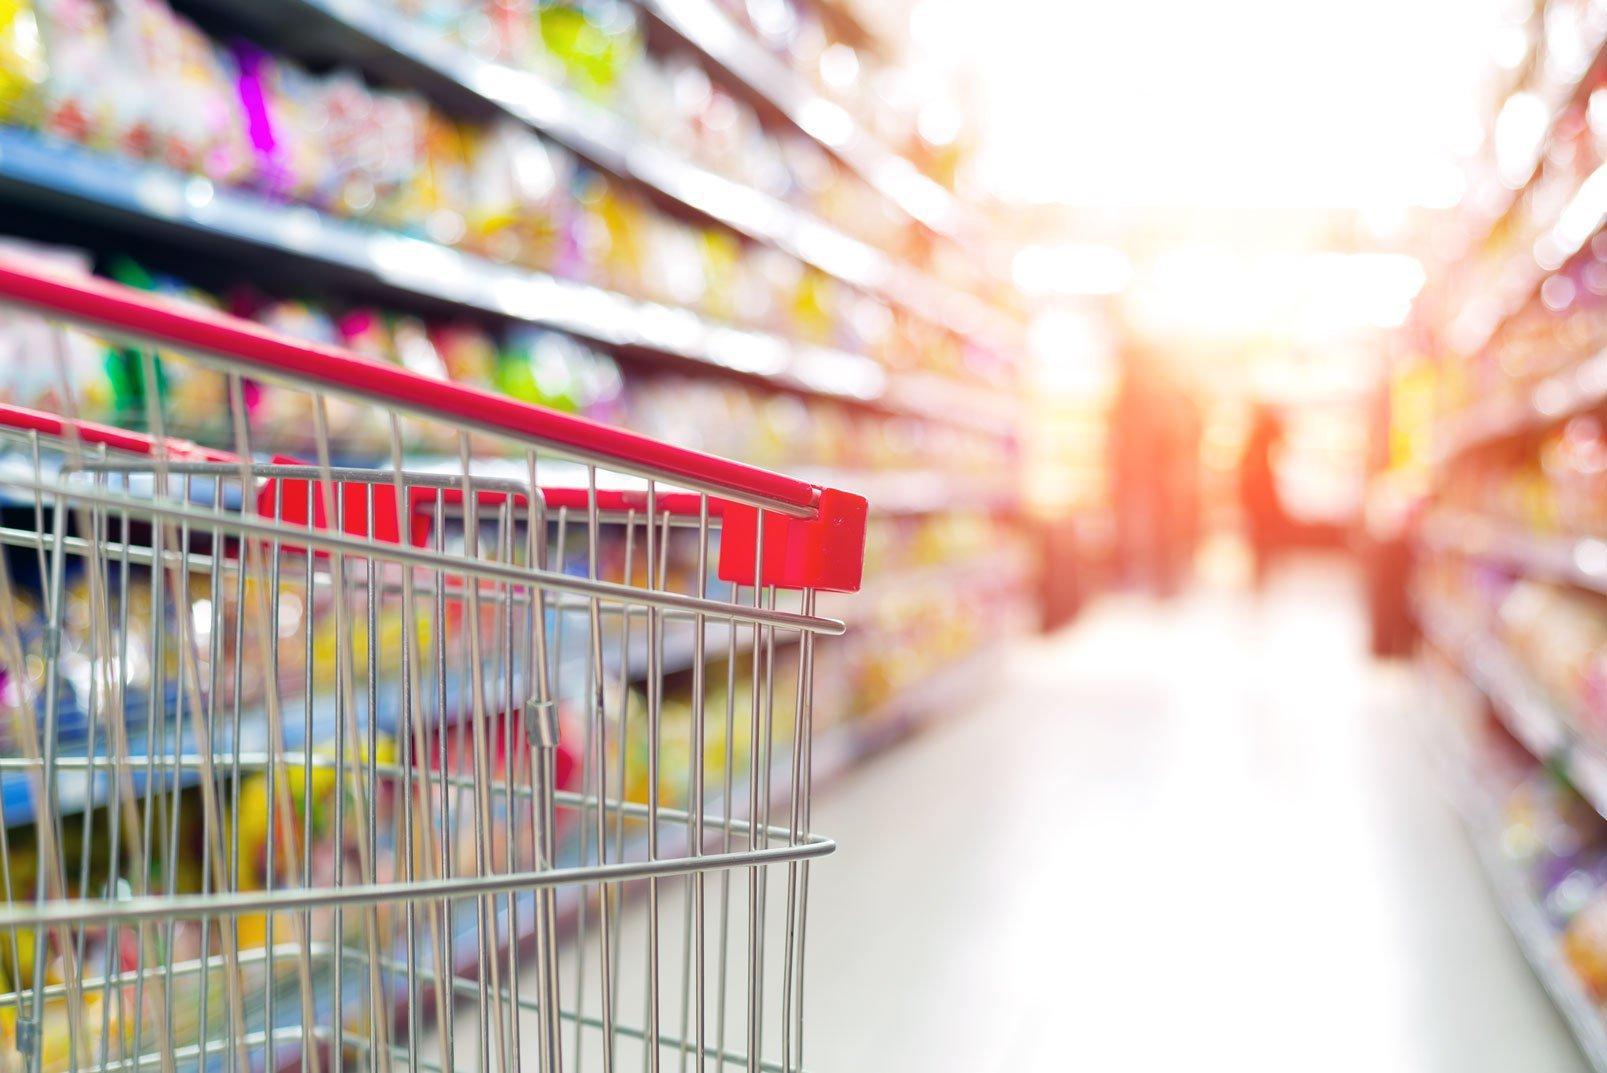 Come il tuo negozio può battere la concorrenza di Amazon